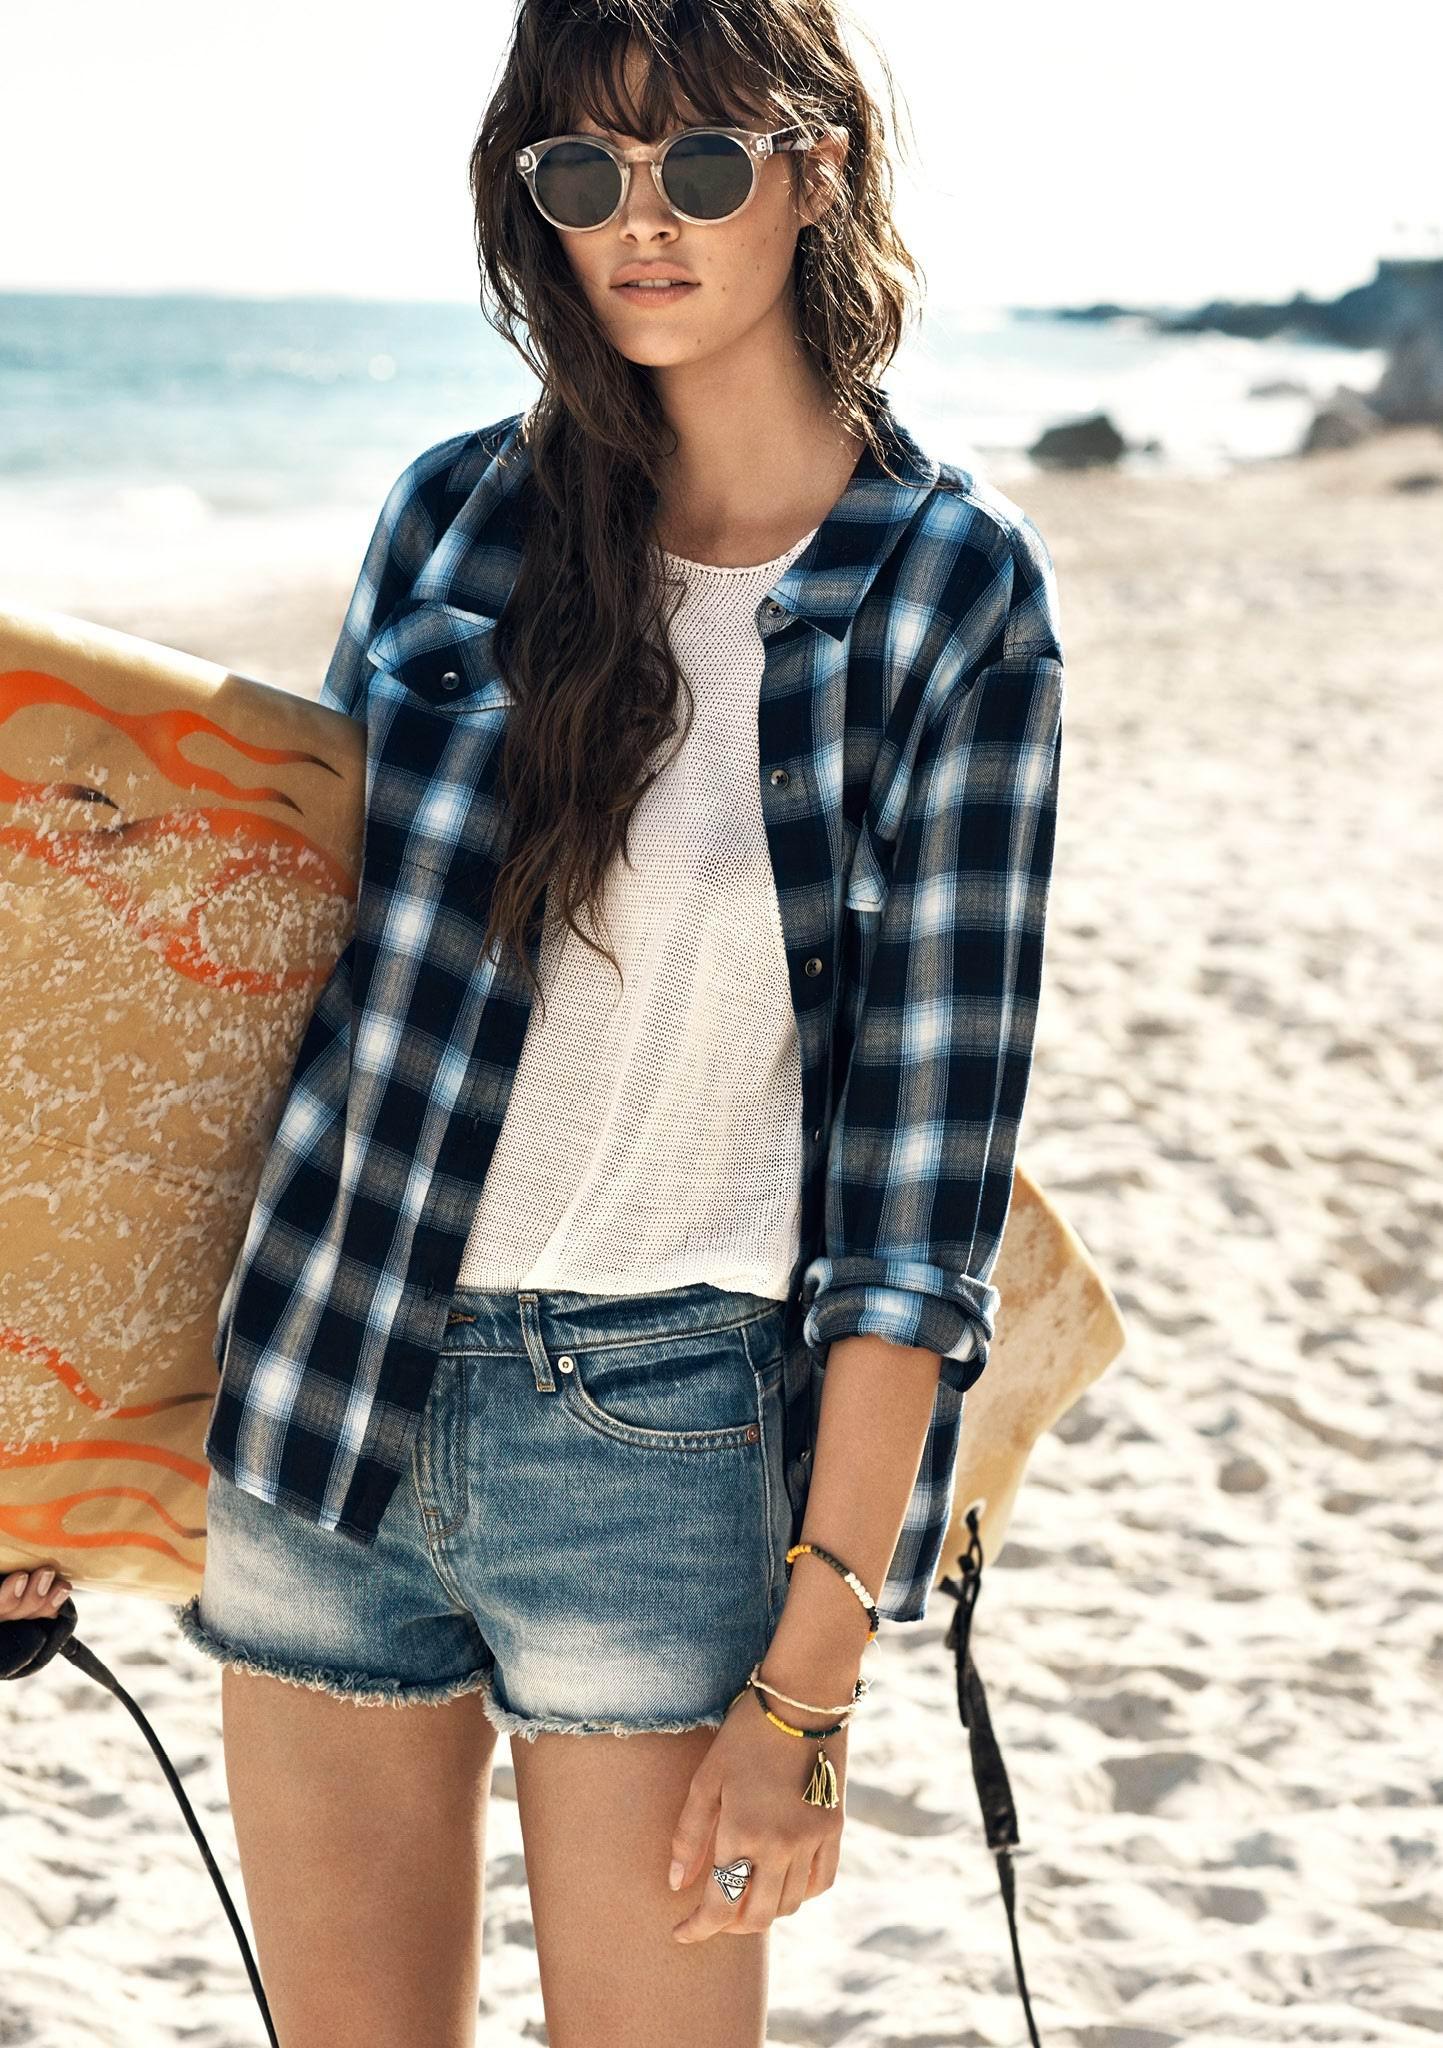 SURF_GIRL 8